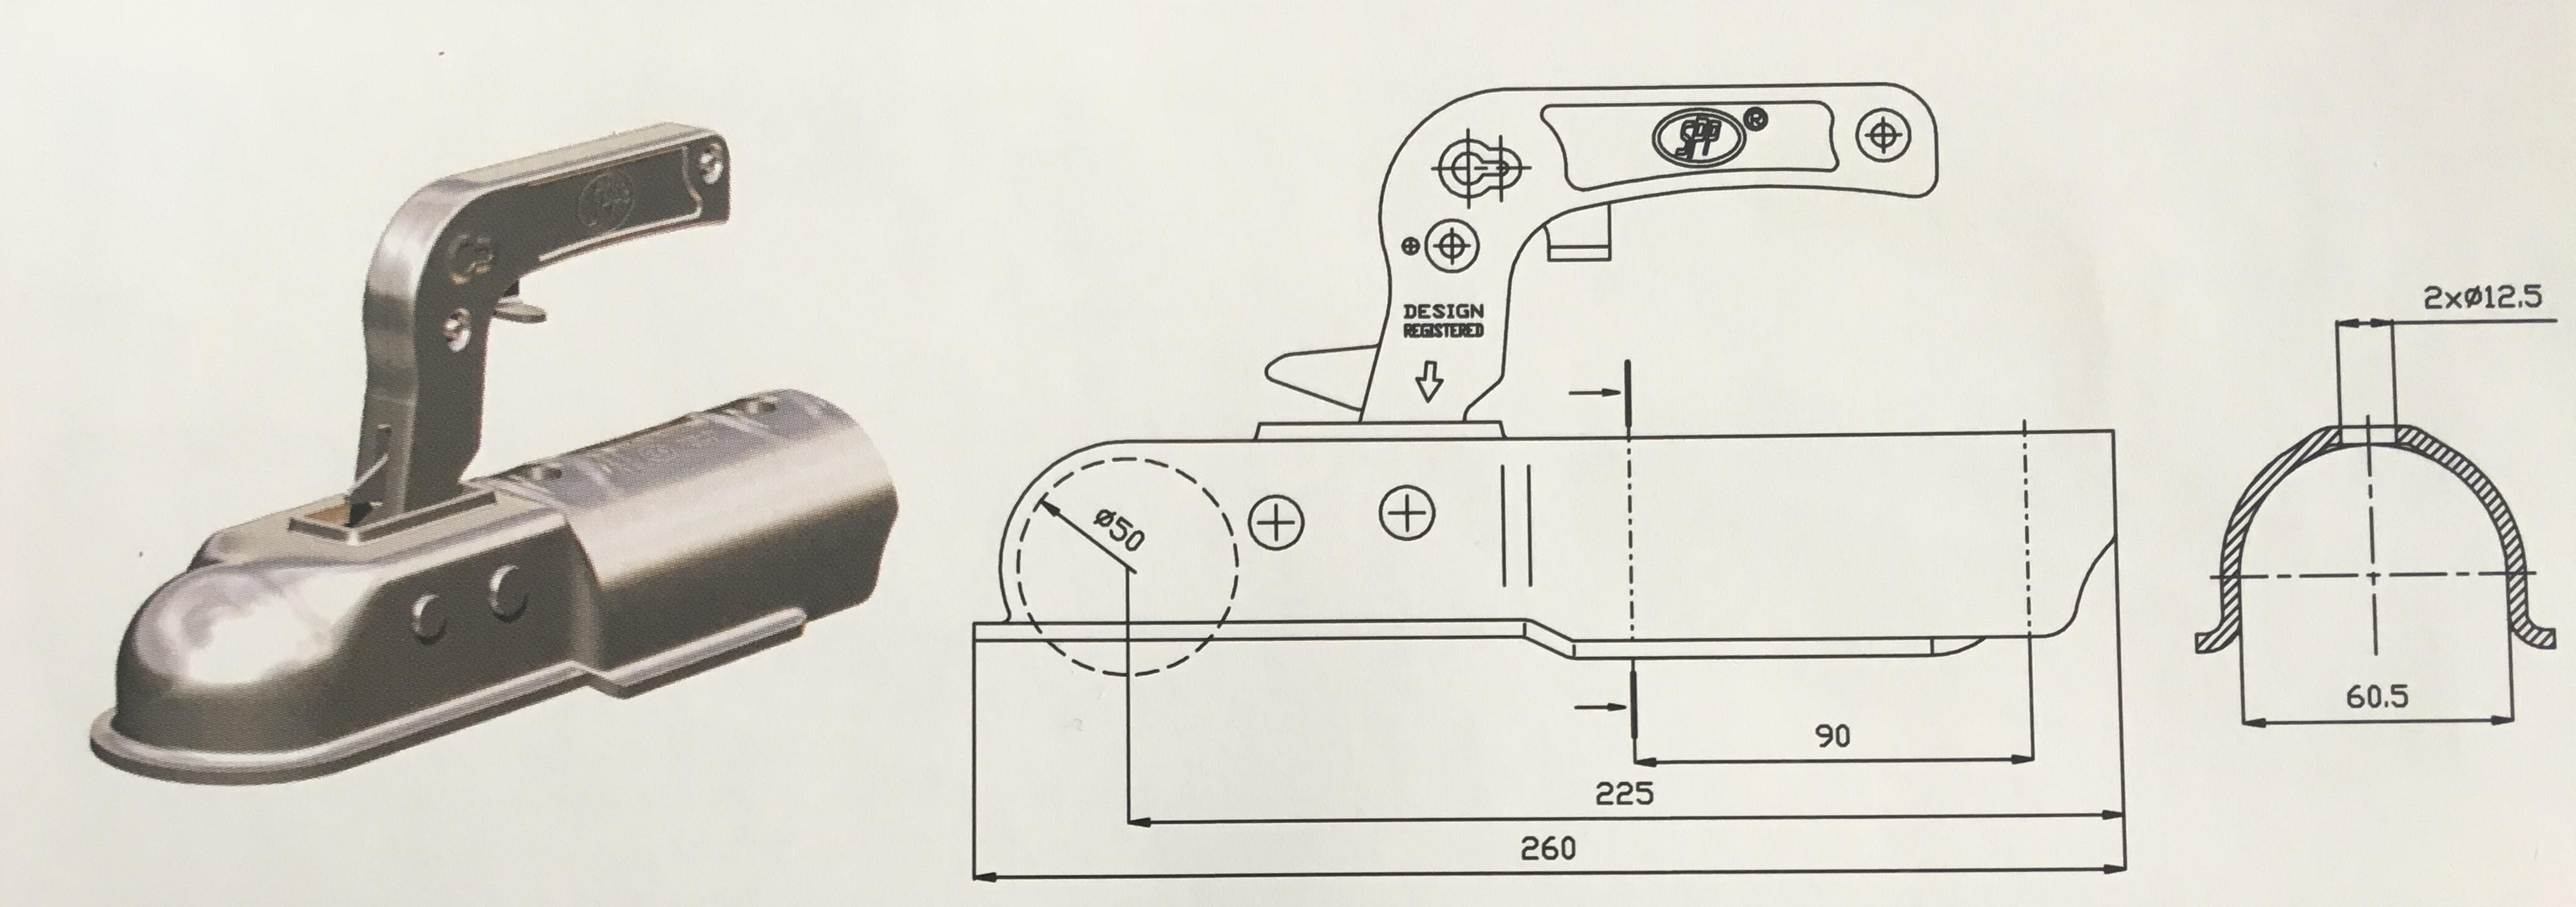 Závěsné zařízení (kloub) 1300 kg pr60mm kulaté, dvě horní díry